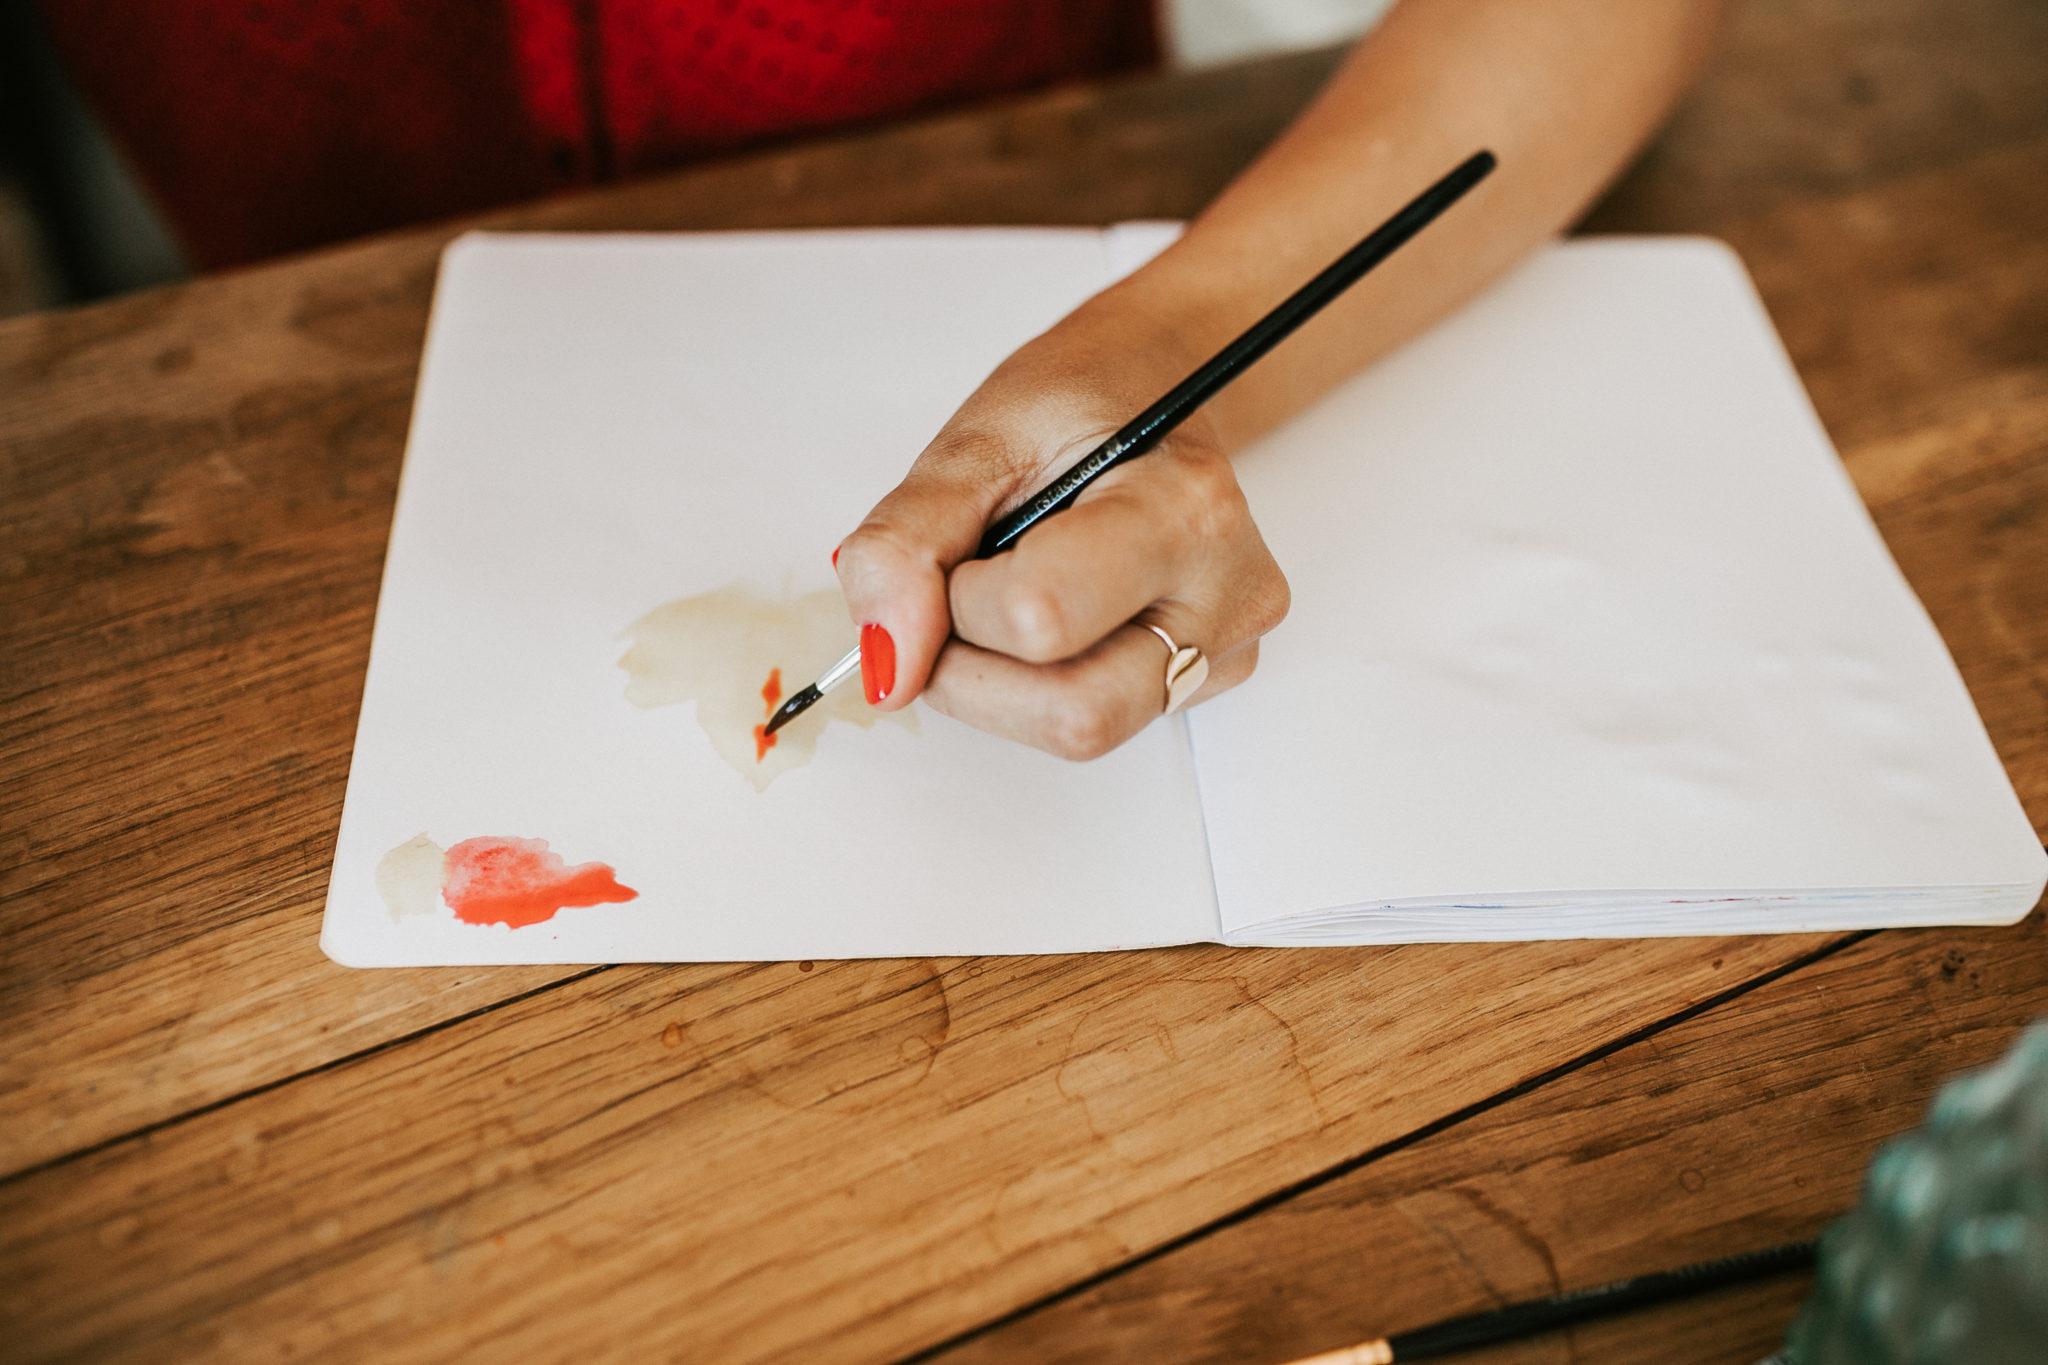 carnet de dessins a l'aquarelle avec main